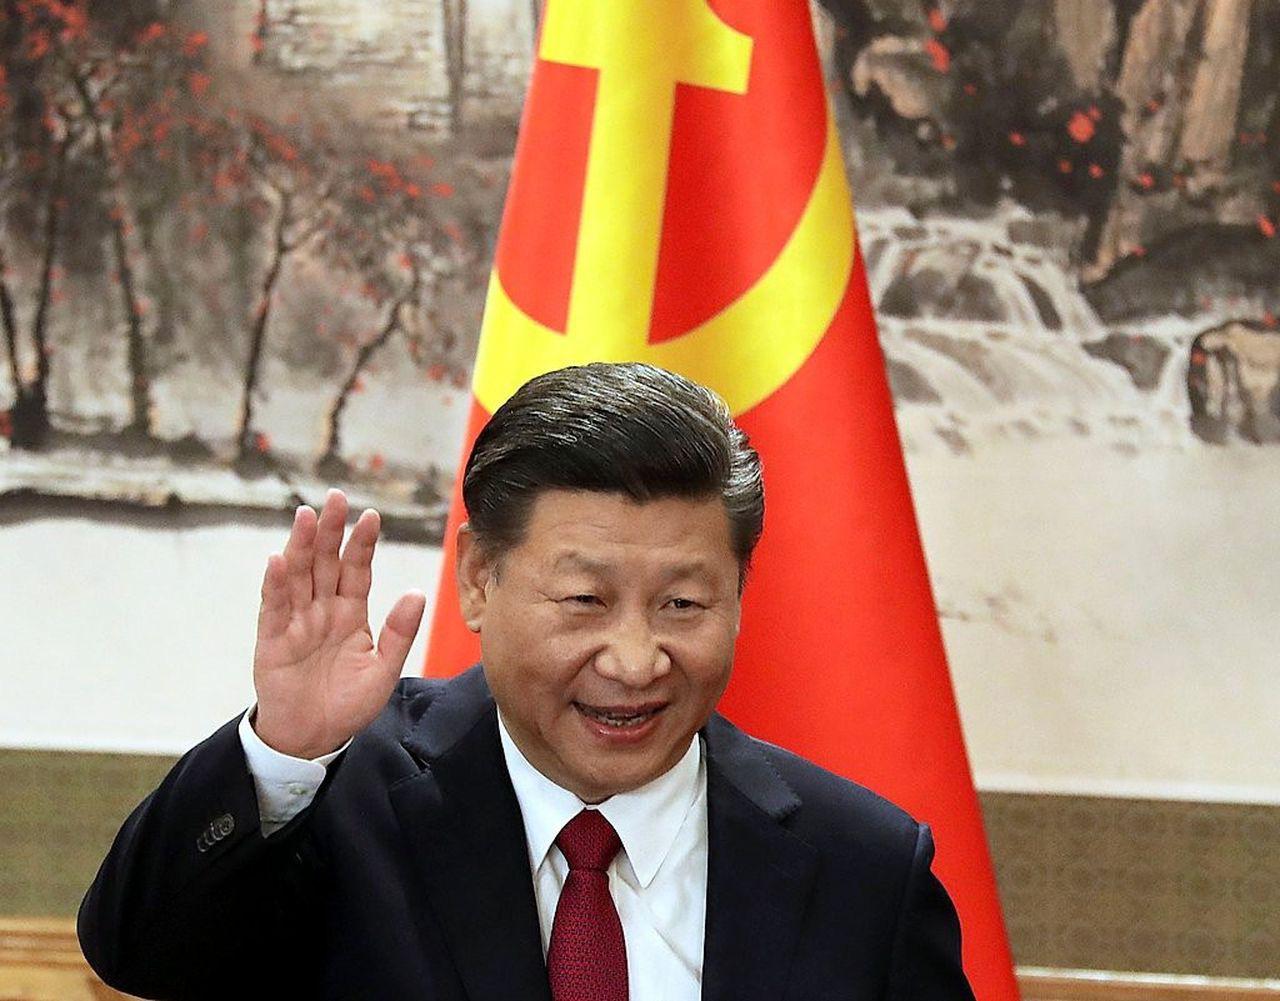 Muốn làm ăn ở Trung Quốc, phải tuân theo luật chơi của Bắc Kinh! - Ảnh 1.